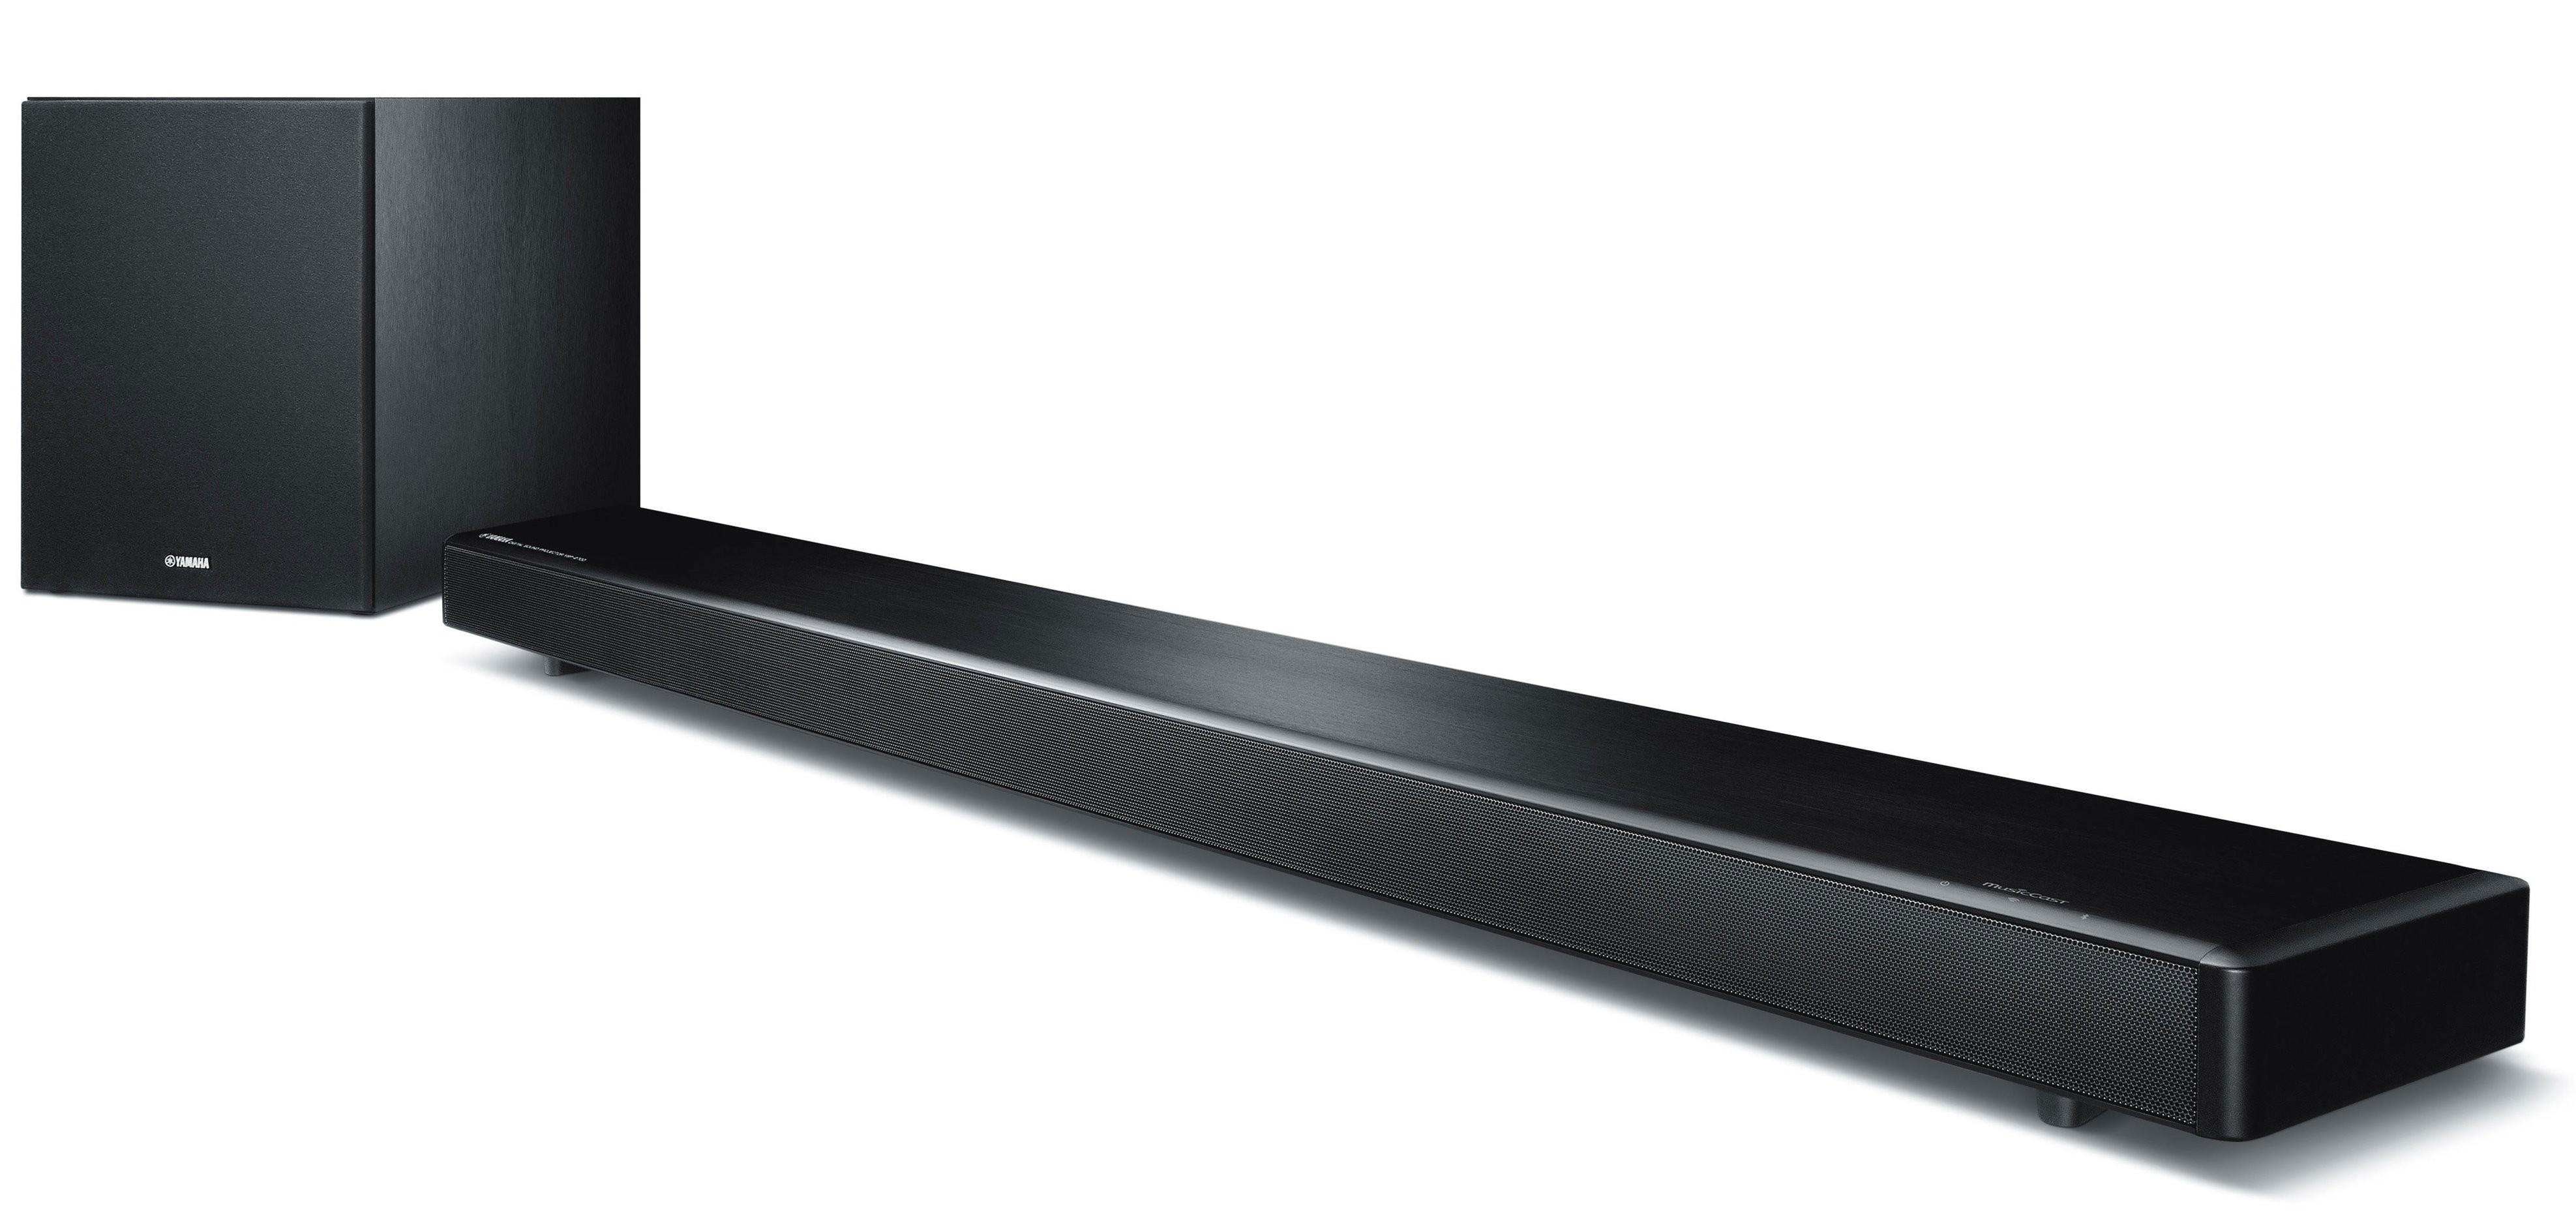 Саундбар Yamaha YSP-2700 Black -